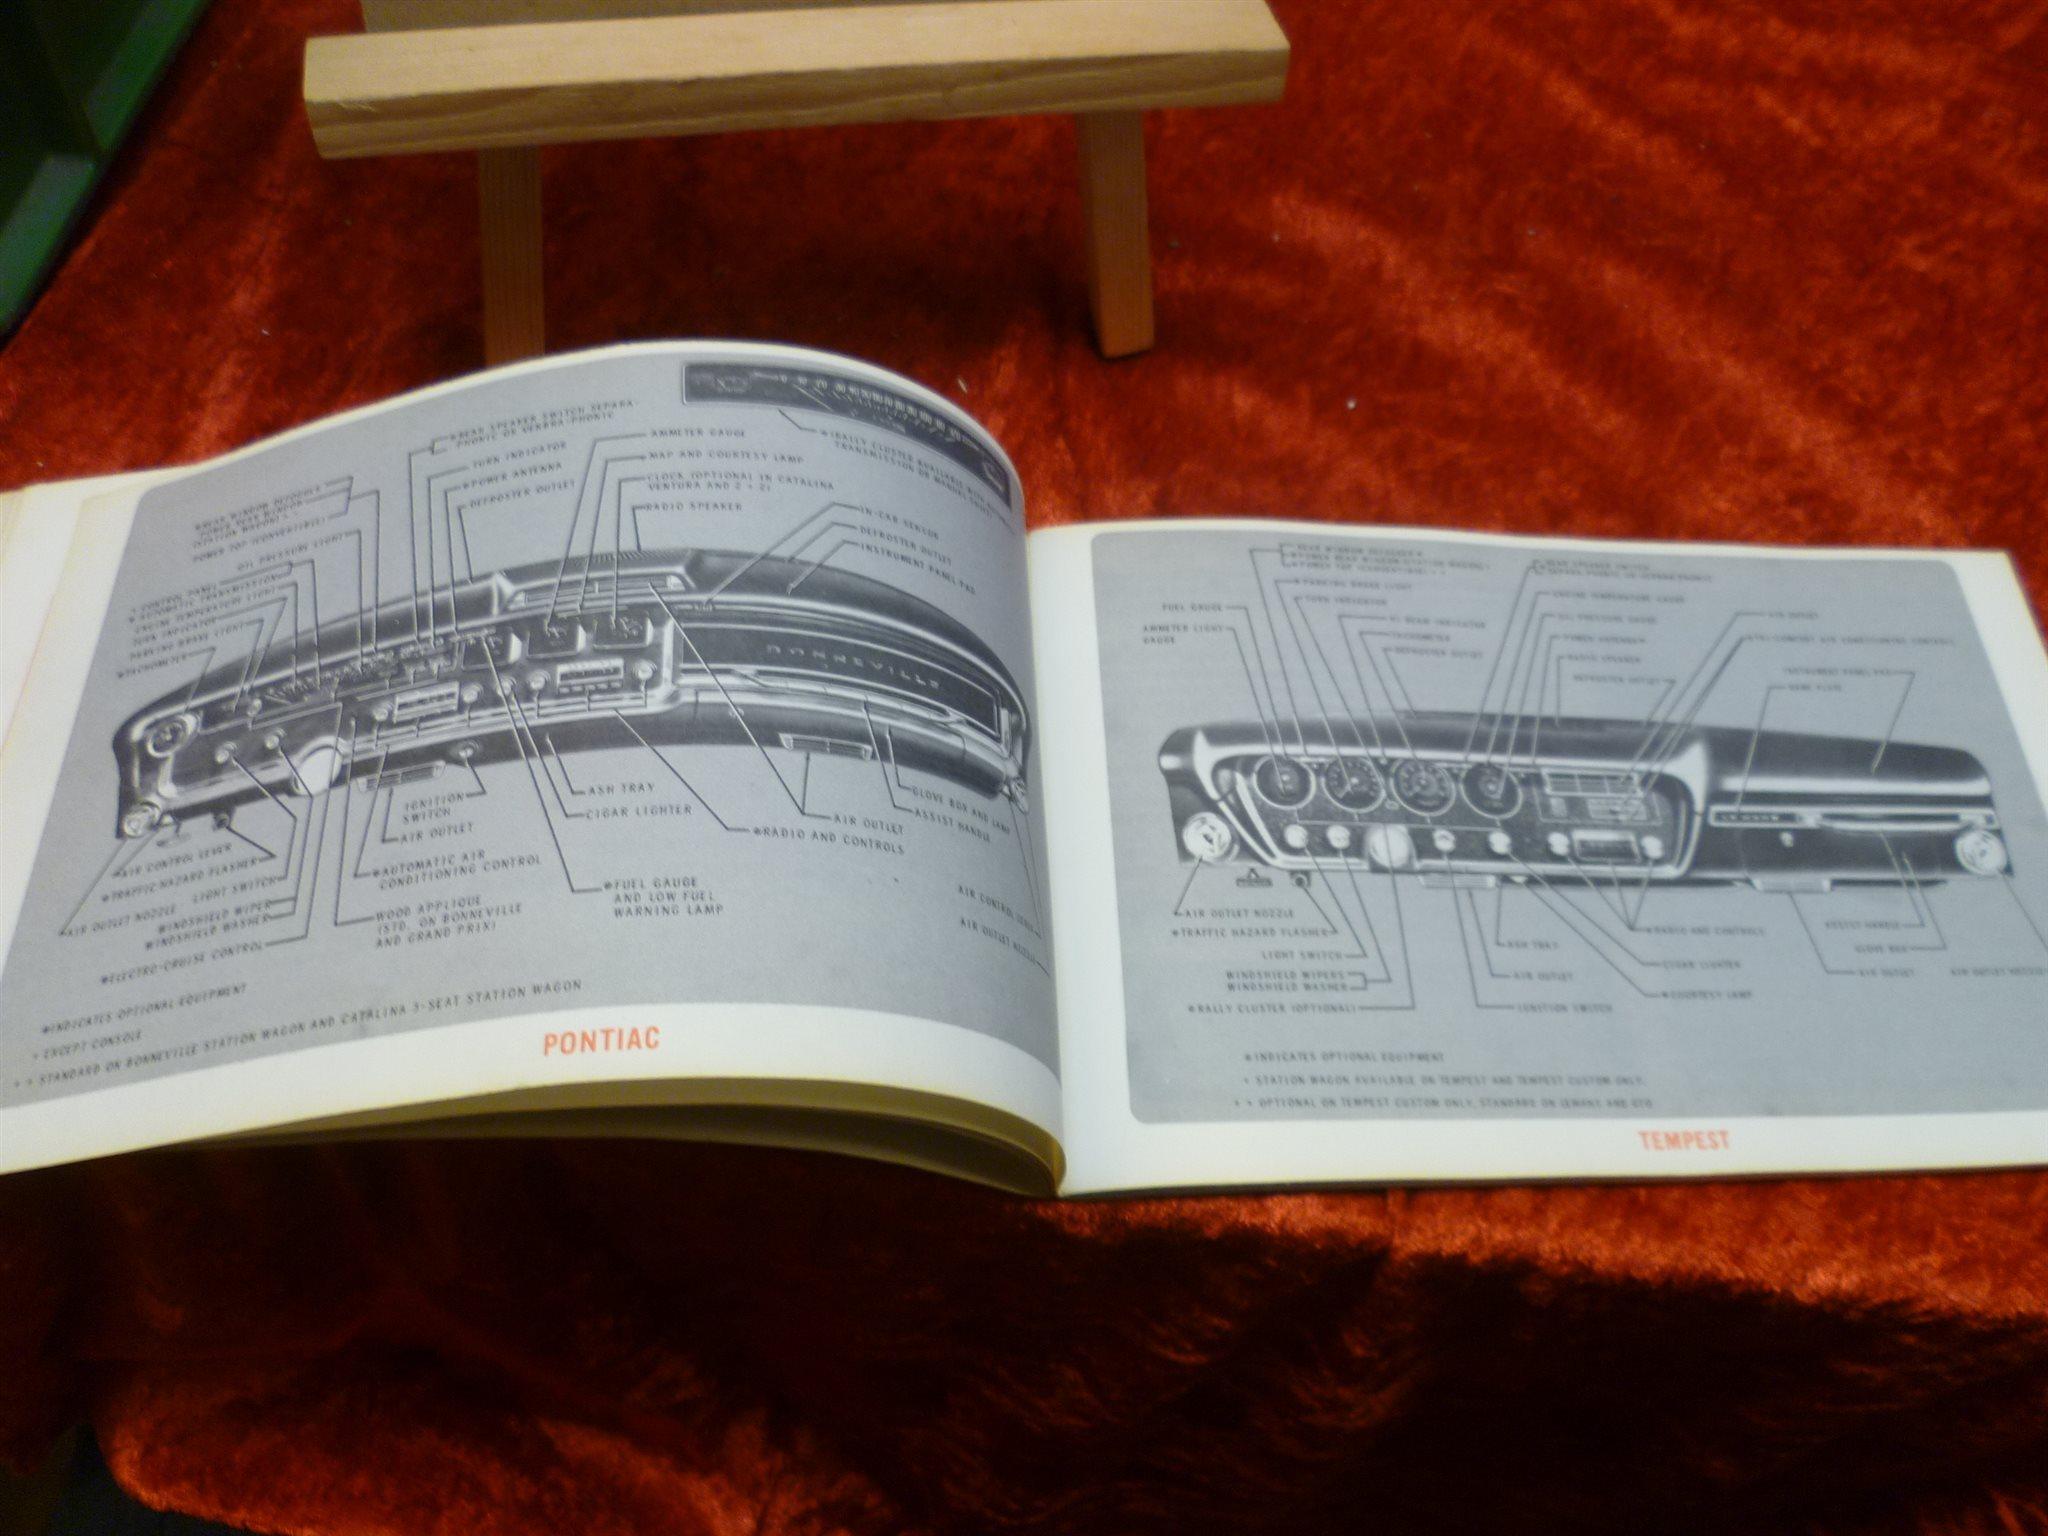 1966 1966 1966 PONTIAC , Instruktionsbok , ALL-SERIES , OBS!! ORIGINAL fe981e